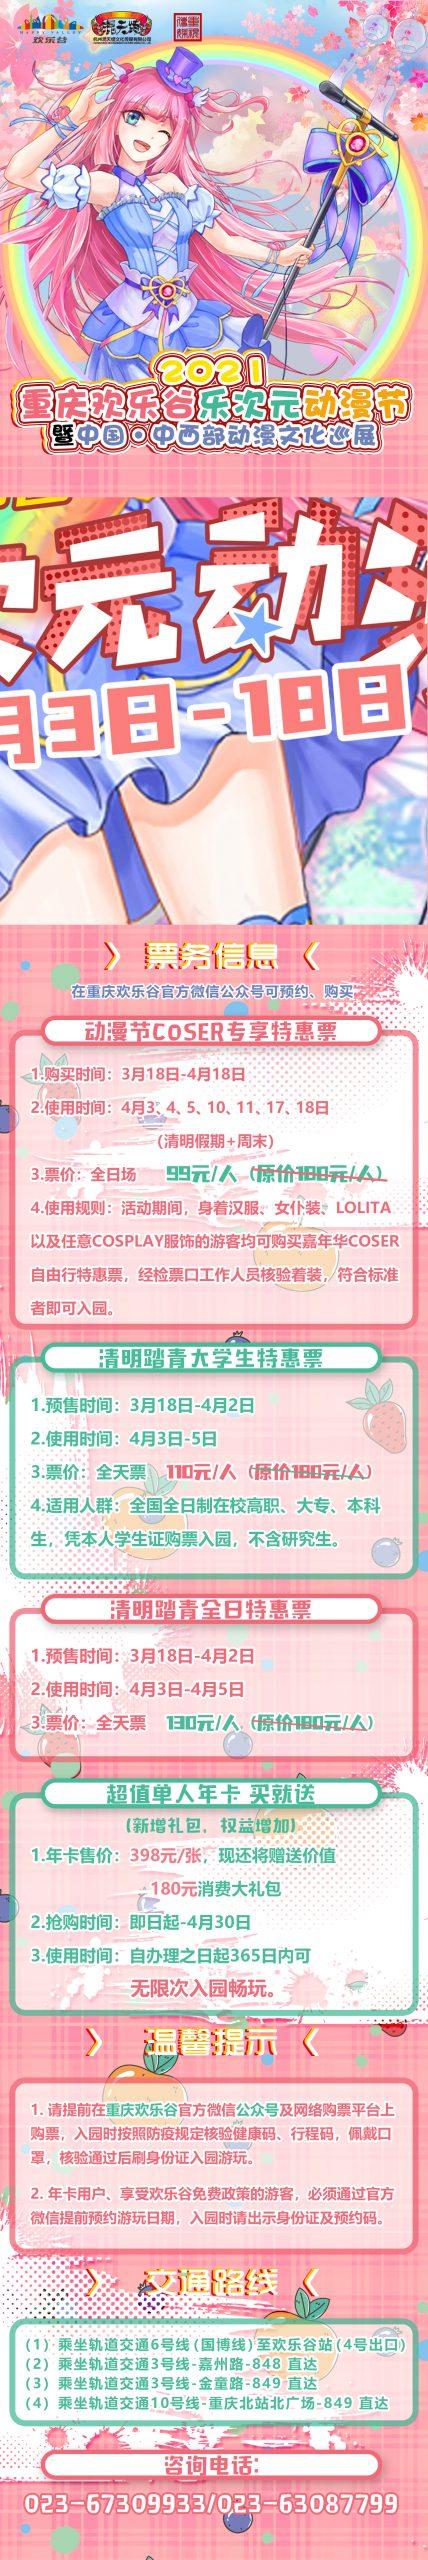 【2021第三届重庆欢乐谷乐次元动漫节暨中国·中西部动漫文化巡展】【二宣】来啦!!!-ANICOGA